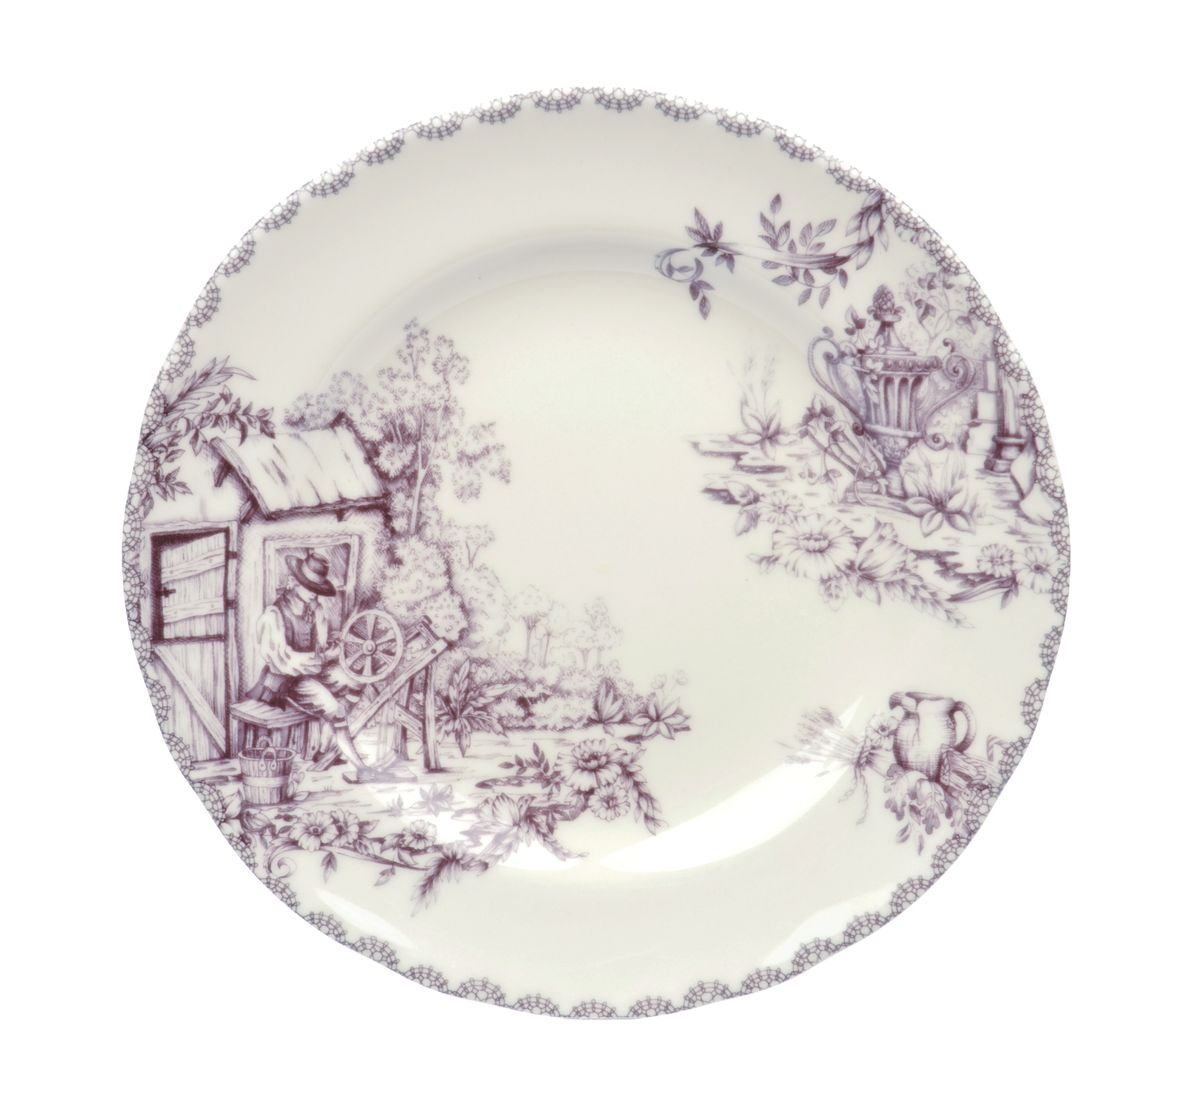 Тарелка десертная Utana Инглиш принтс Флинт, диаметр 22 см